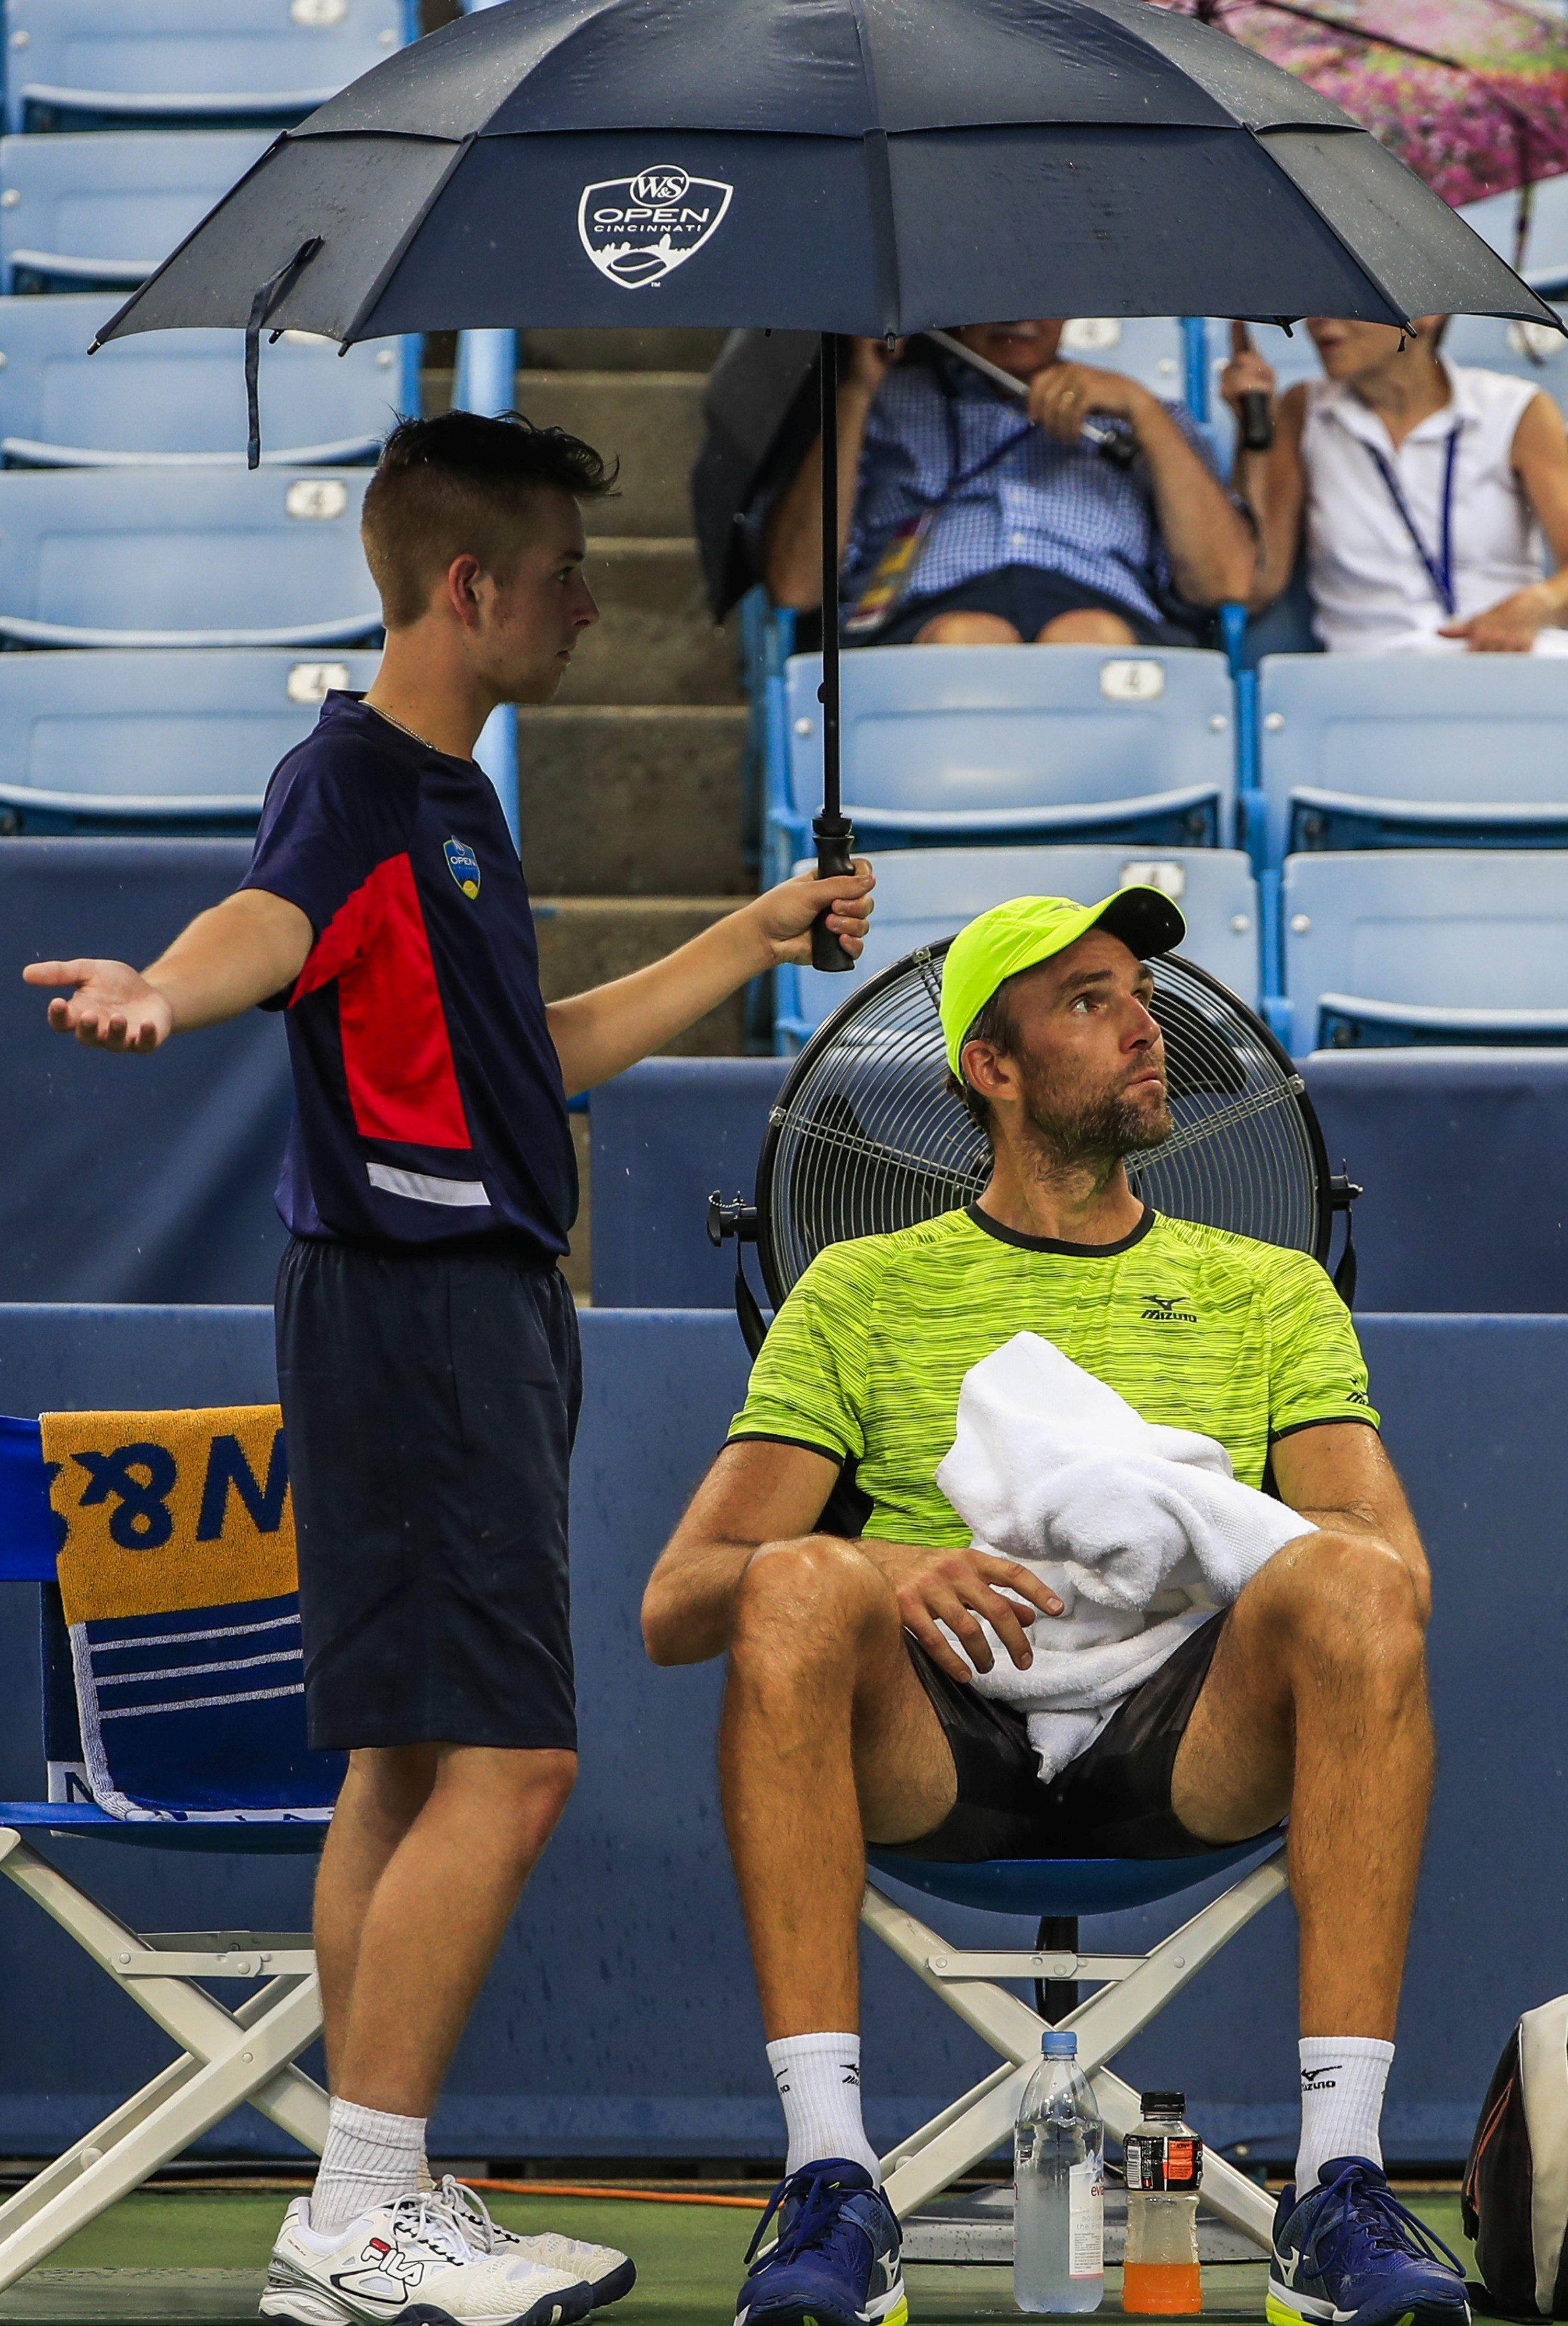 Australian Open: Čilić, Martić i Karlović u drugom kolu